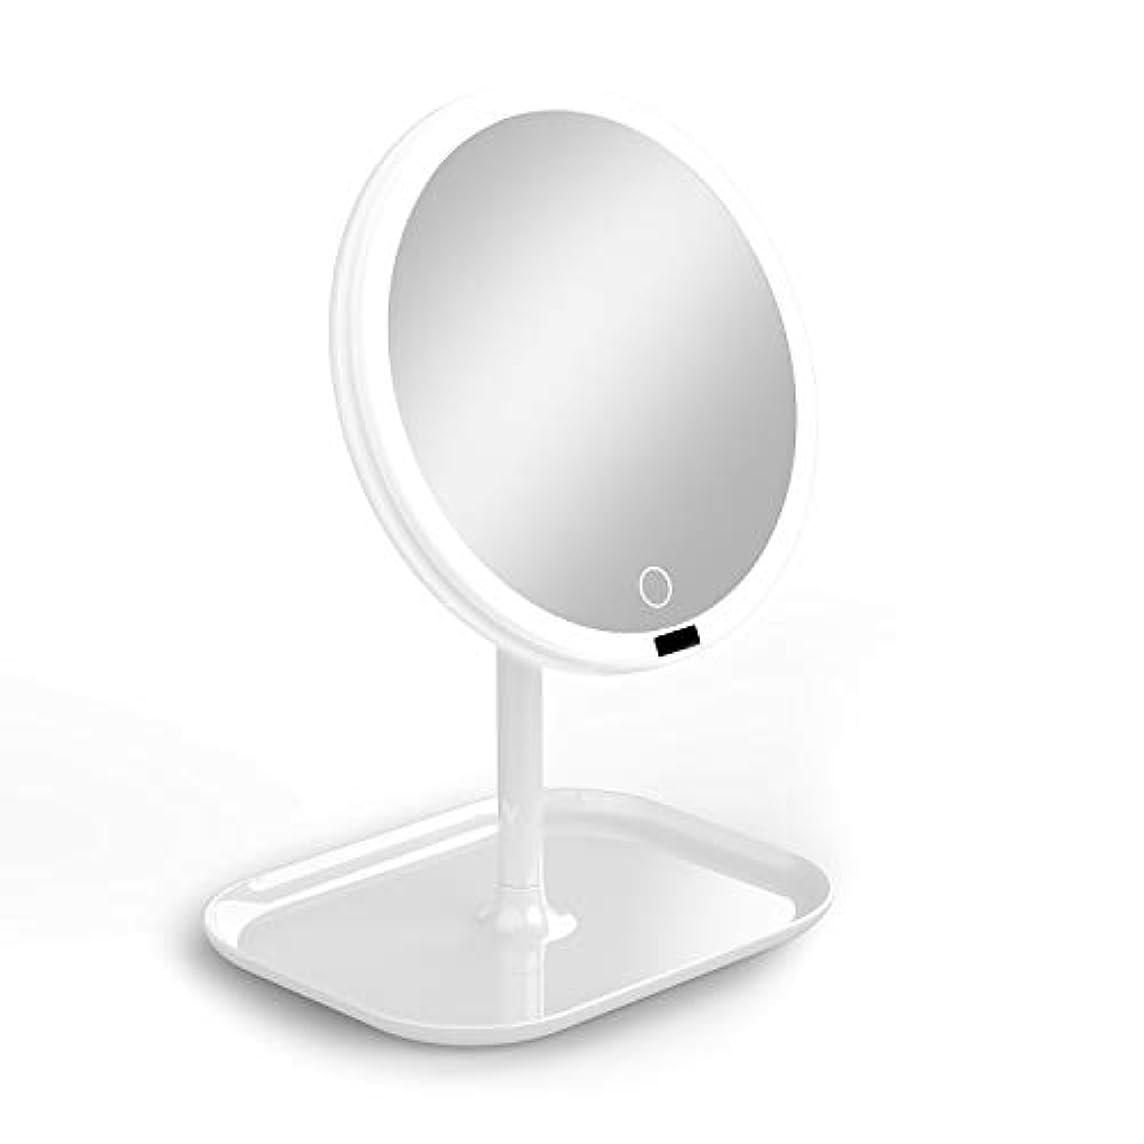 アコードアルファベット順政治家のLa Farah 化粧鏡 化粧ミラー LEDライト付き 卓上鏡 女優ミラー 3段階明るさ調節可能 180度回転 コードレス 充電式 円型